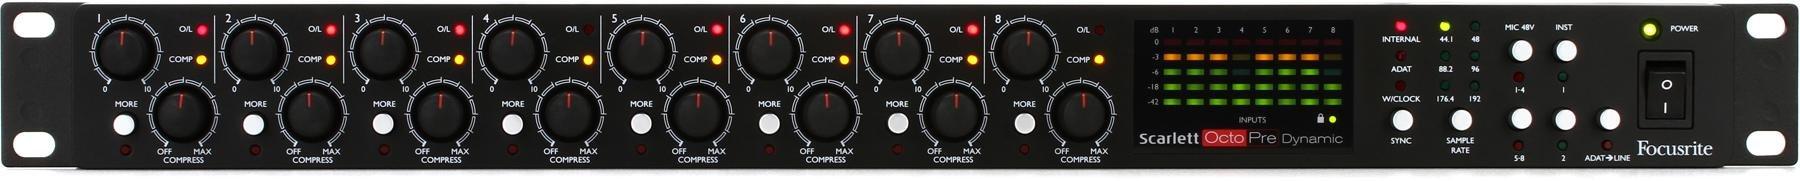 Focusrite Scarlett Octopre Dynamic Mic Preamp Sweetwater Audio Preamplifier 1 Image